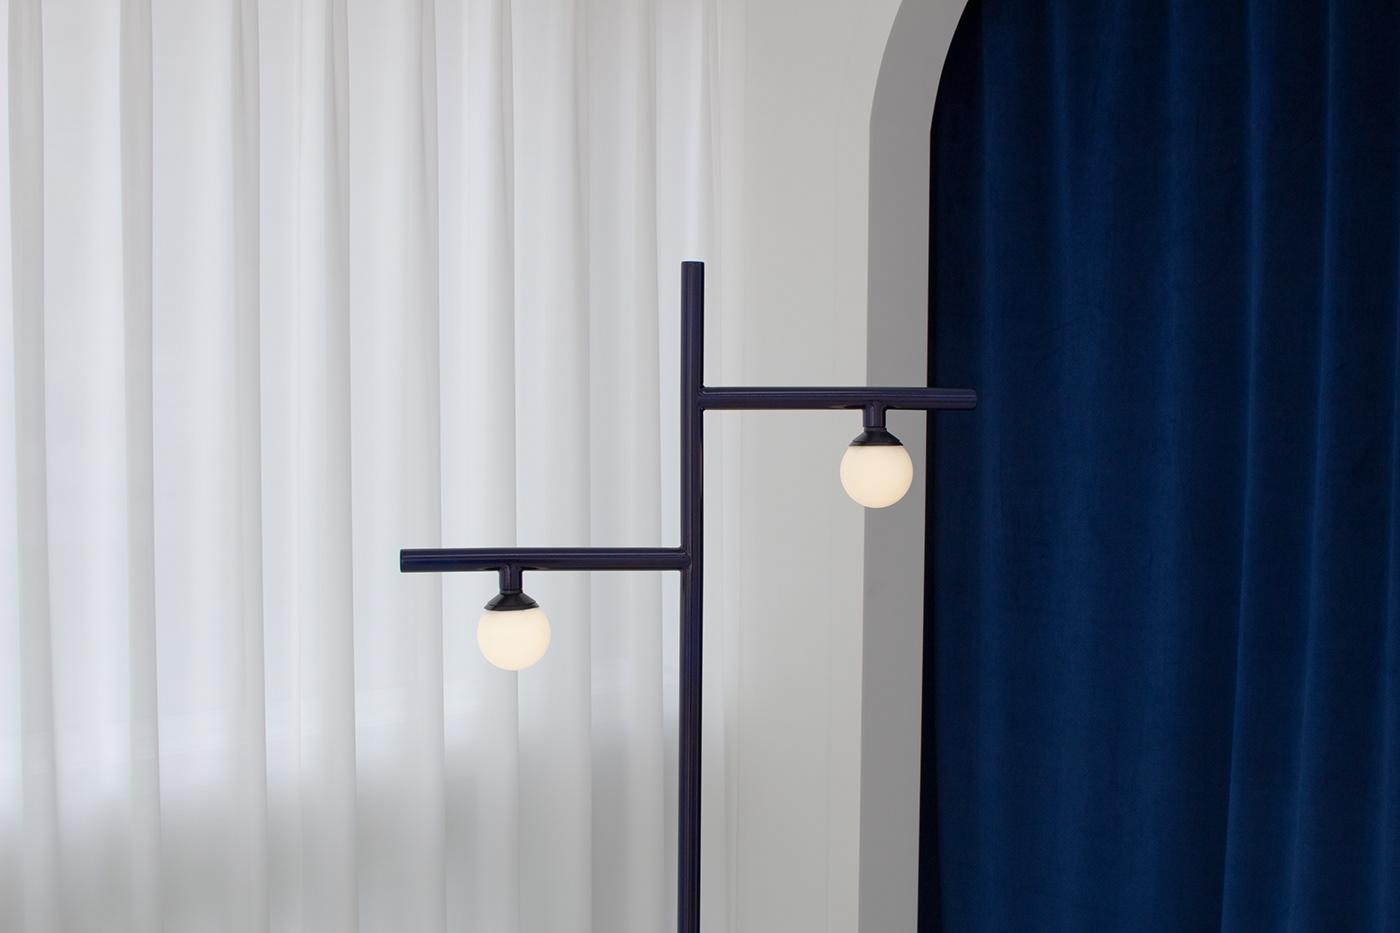 Lamp lamp design lighting Magnetic Multi Lamp